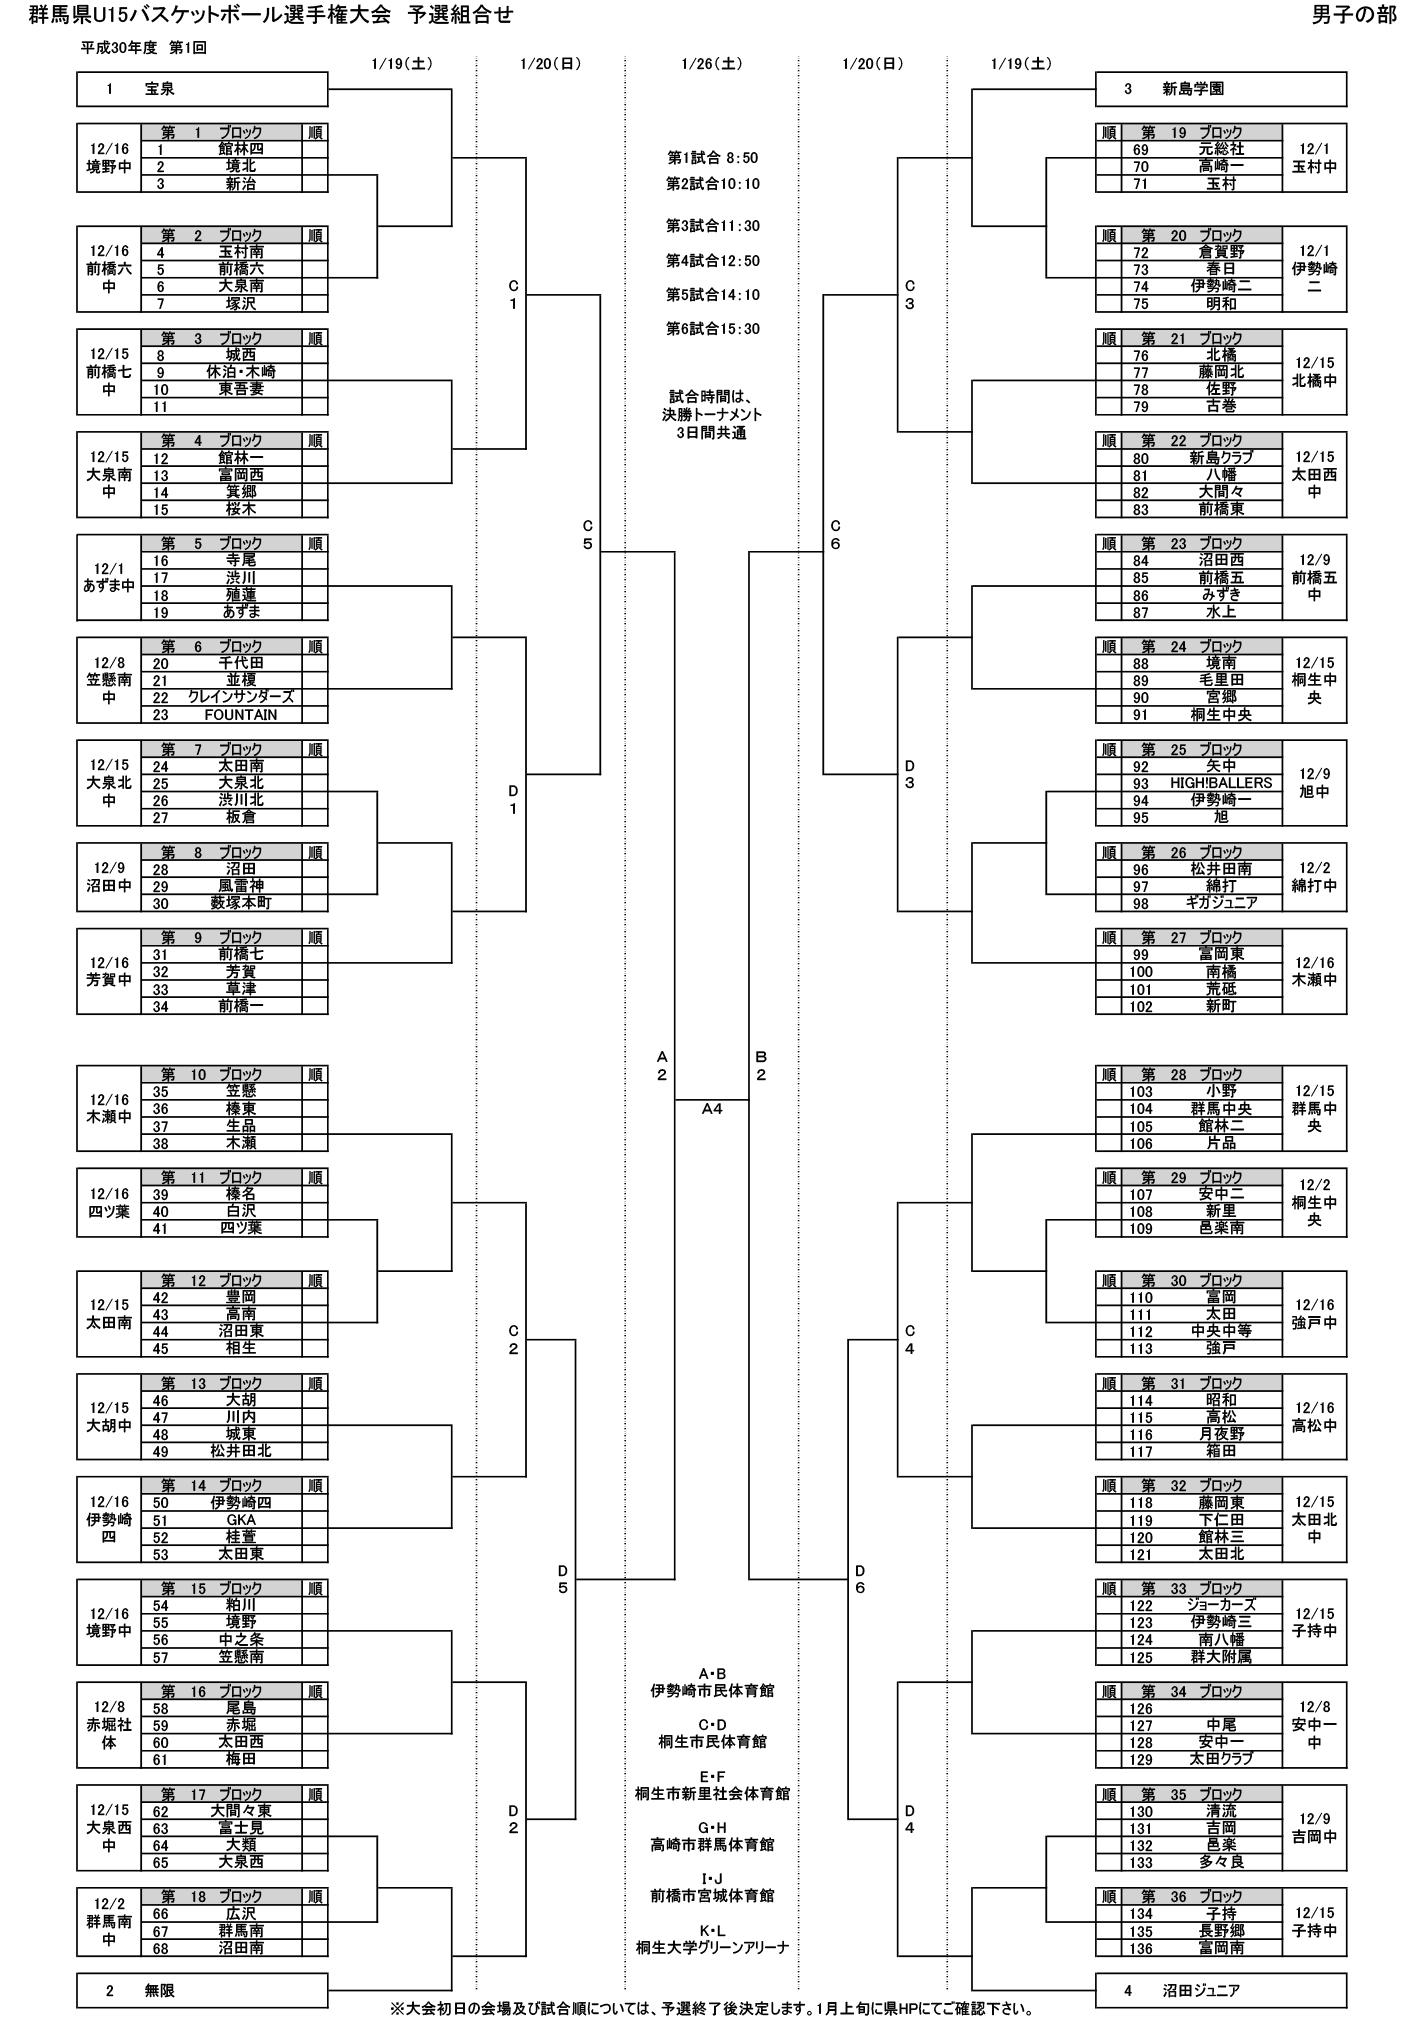 2018 第1回 群馬県U15選手権大会 - ブロック予選 男子 組み合わせ